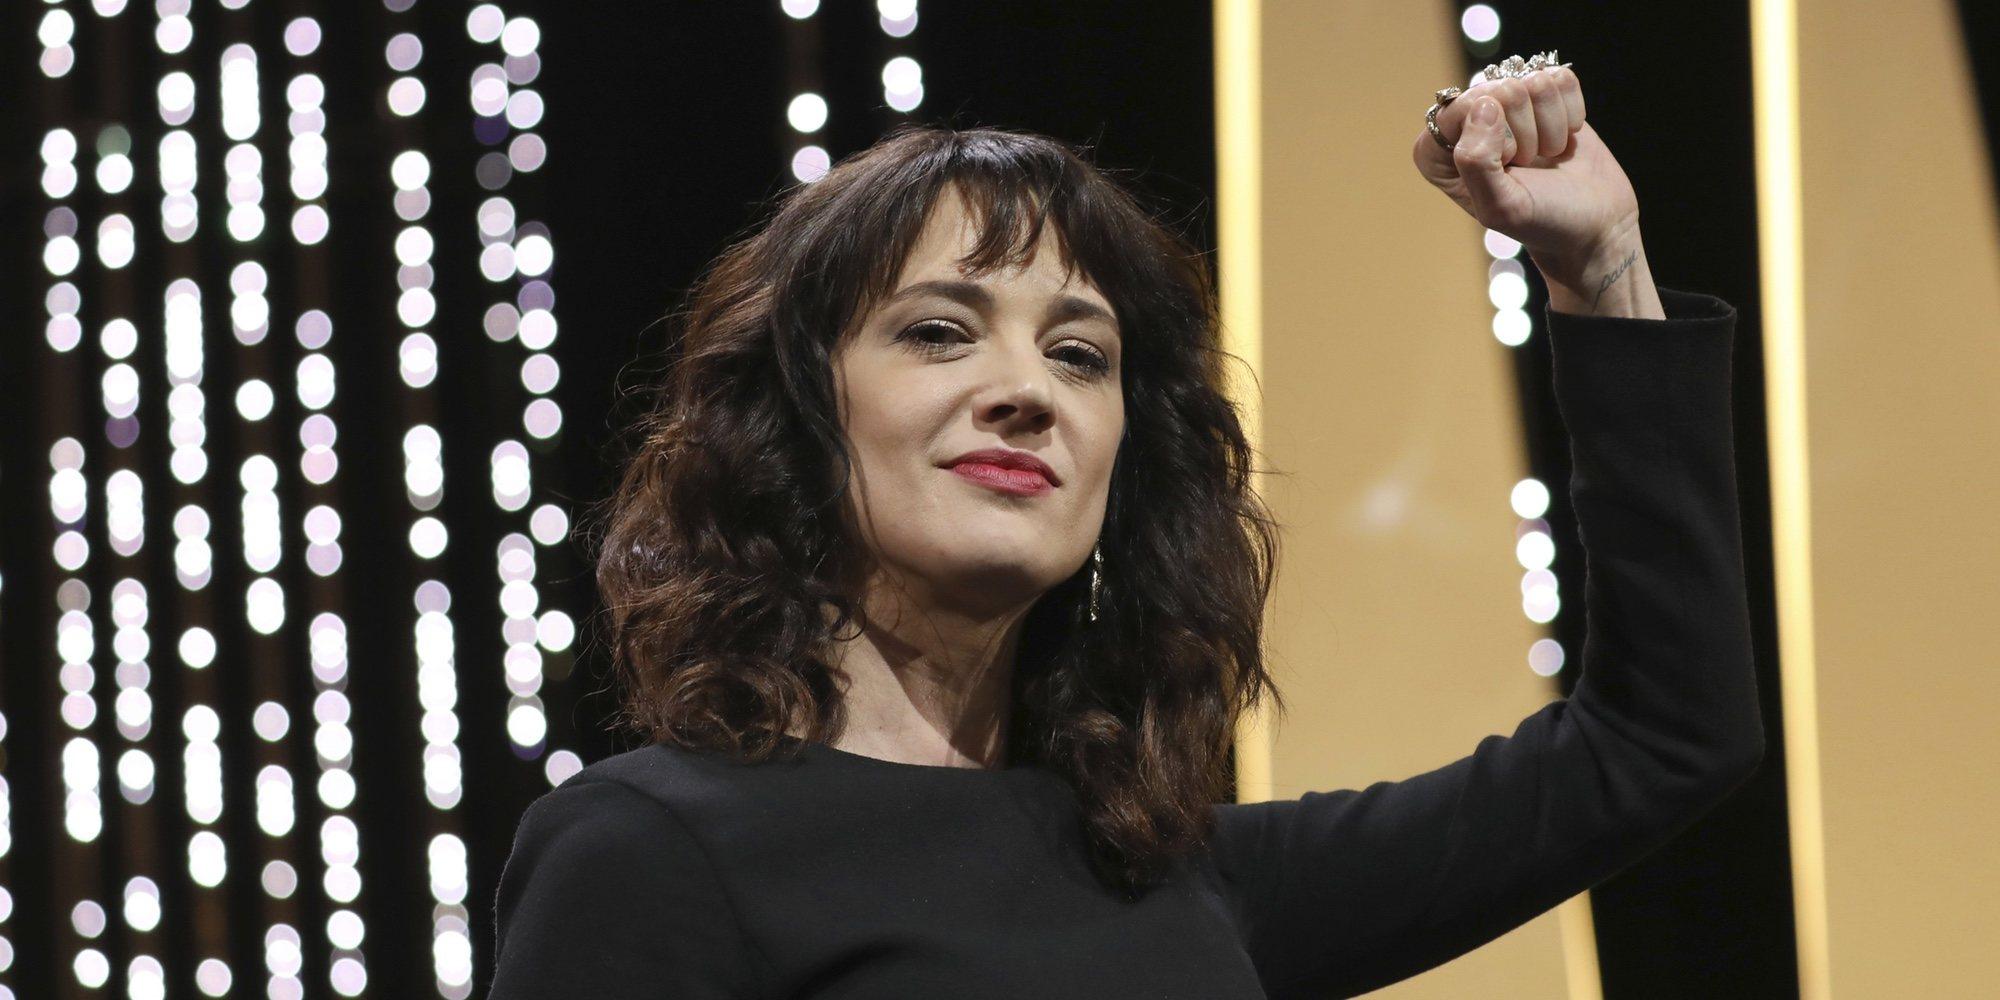 El esfuerzo de Asia Argento en su concierto en Francia tras la trágica muerte de su novio Anthony Bourdain